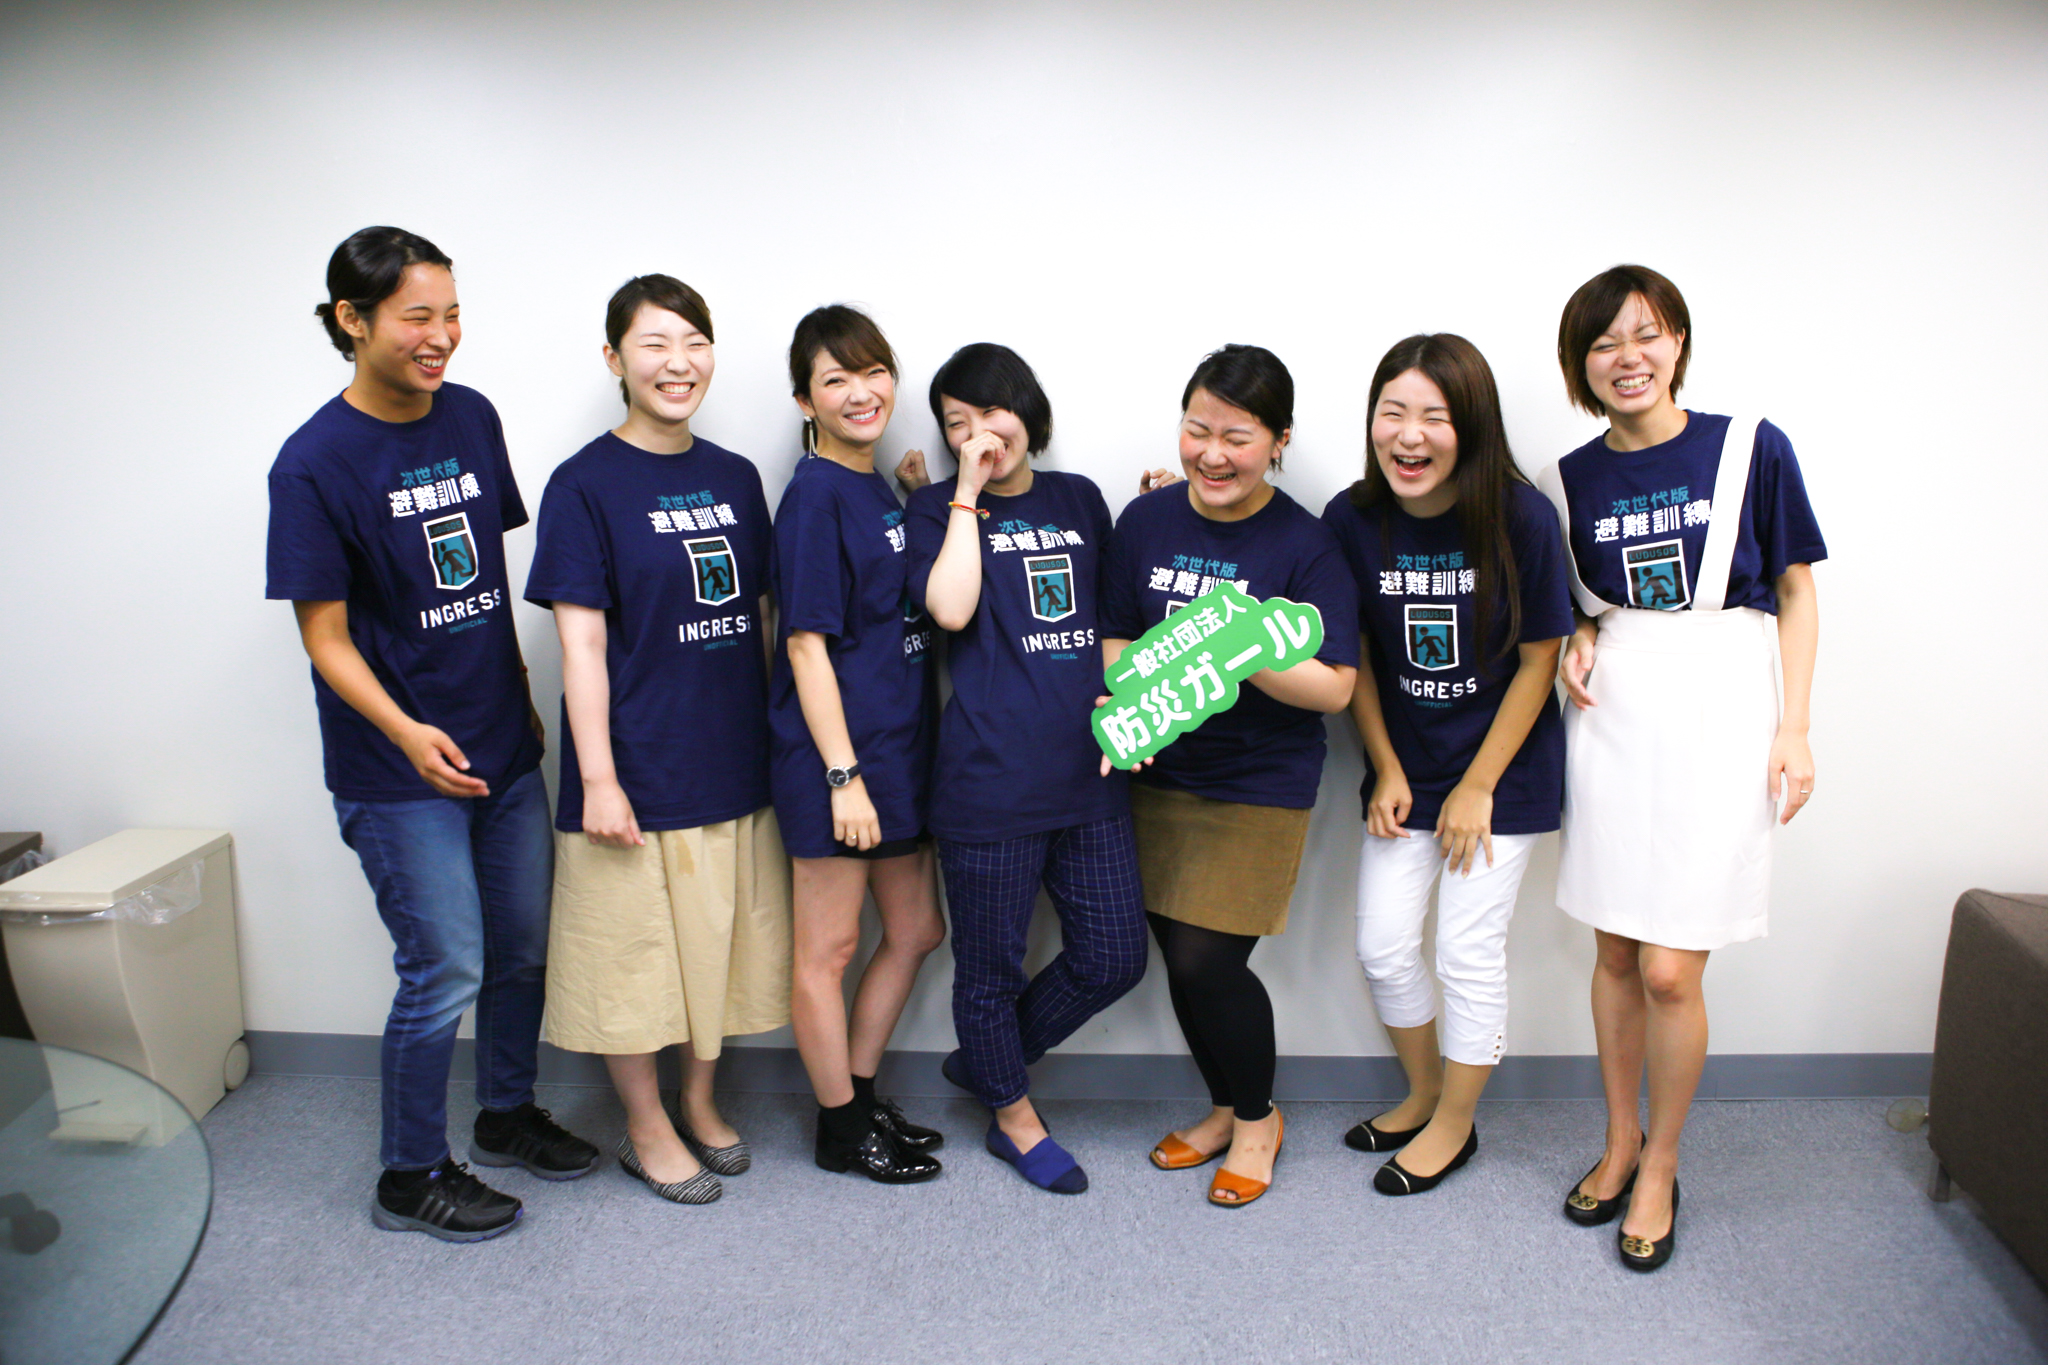 写真右から3番目、田中美咲さん(一般社団法人防災ガール 代表理事)。メンバーたちと。